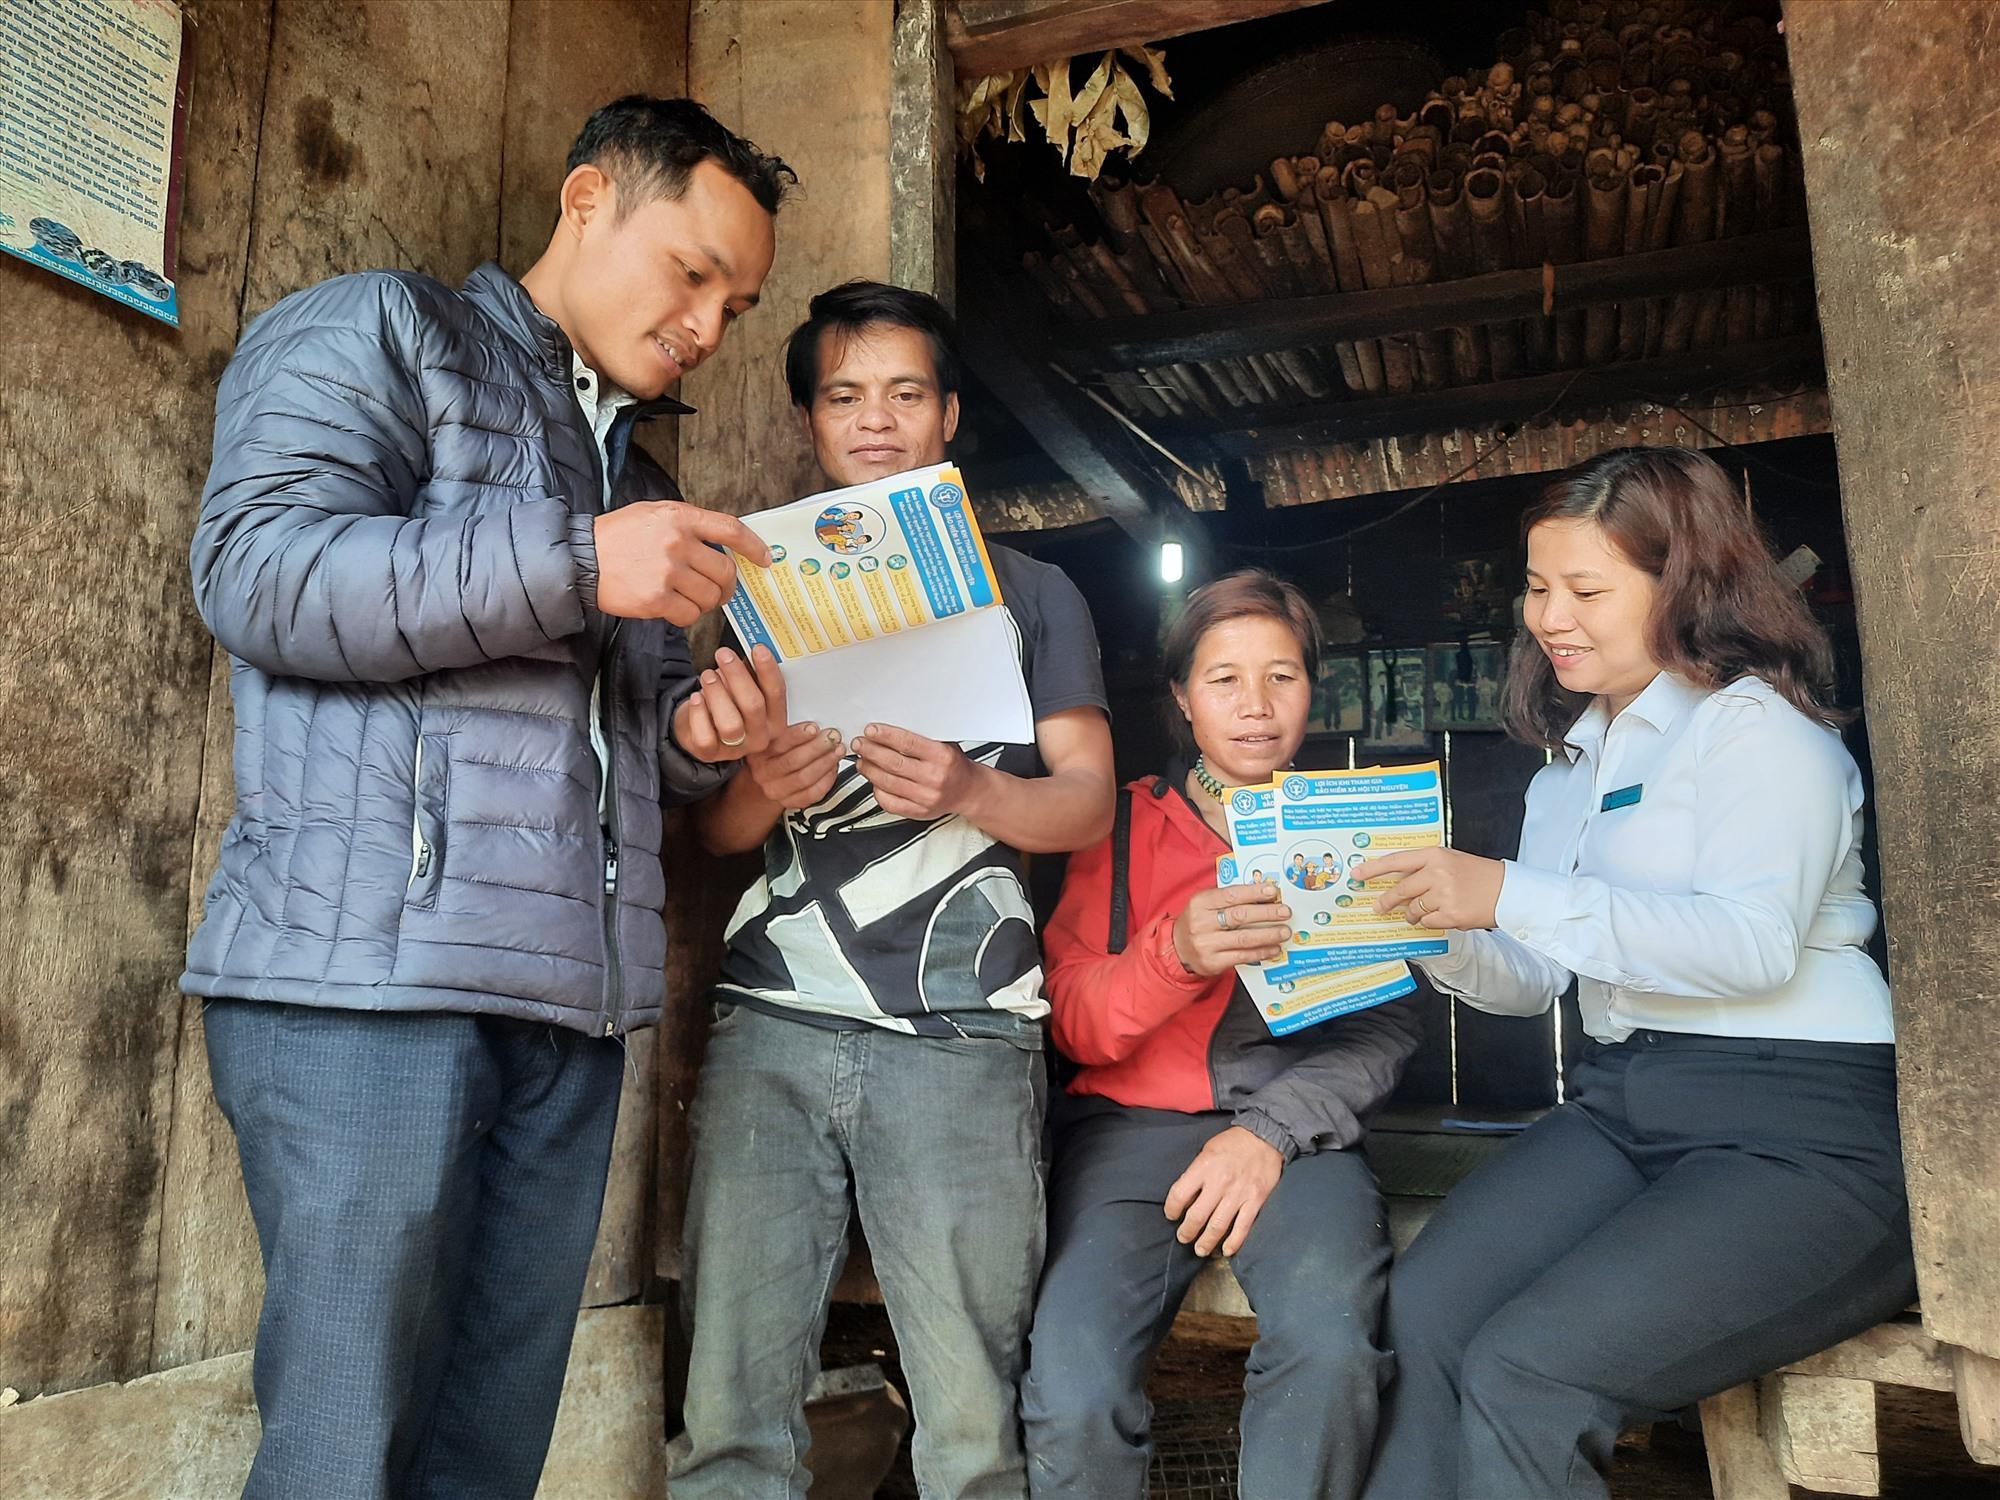 Hiểu rõ được ý nghĩa của BHXH tự nguyện, ông Hồ Văn Do (thứ 2 từ trái sang, thôn 2, xã Trà Linh, Nam Trà My) đã quyết định tham gia đóng BHXH tự nguyện cho vợ chồng ông.